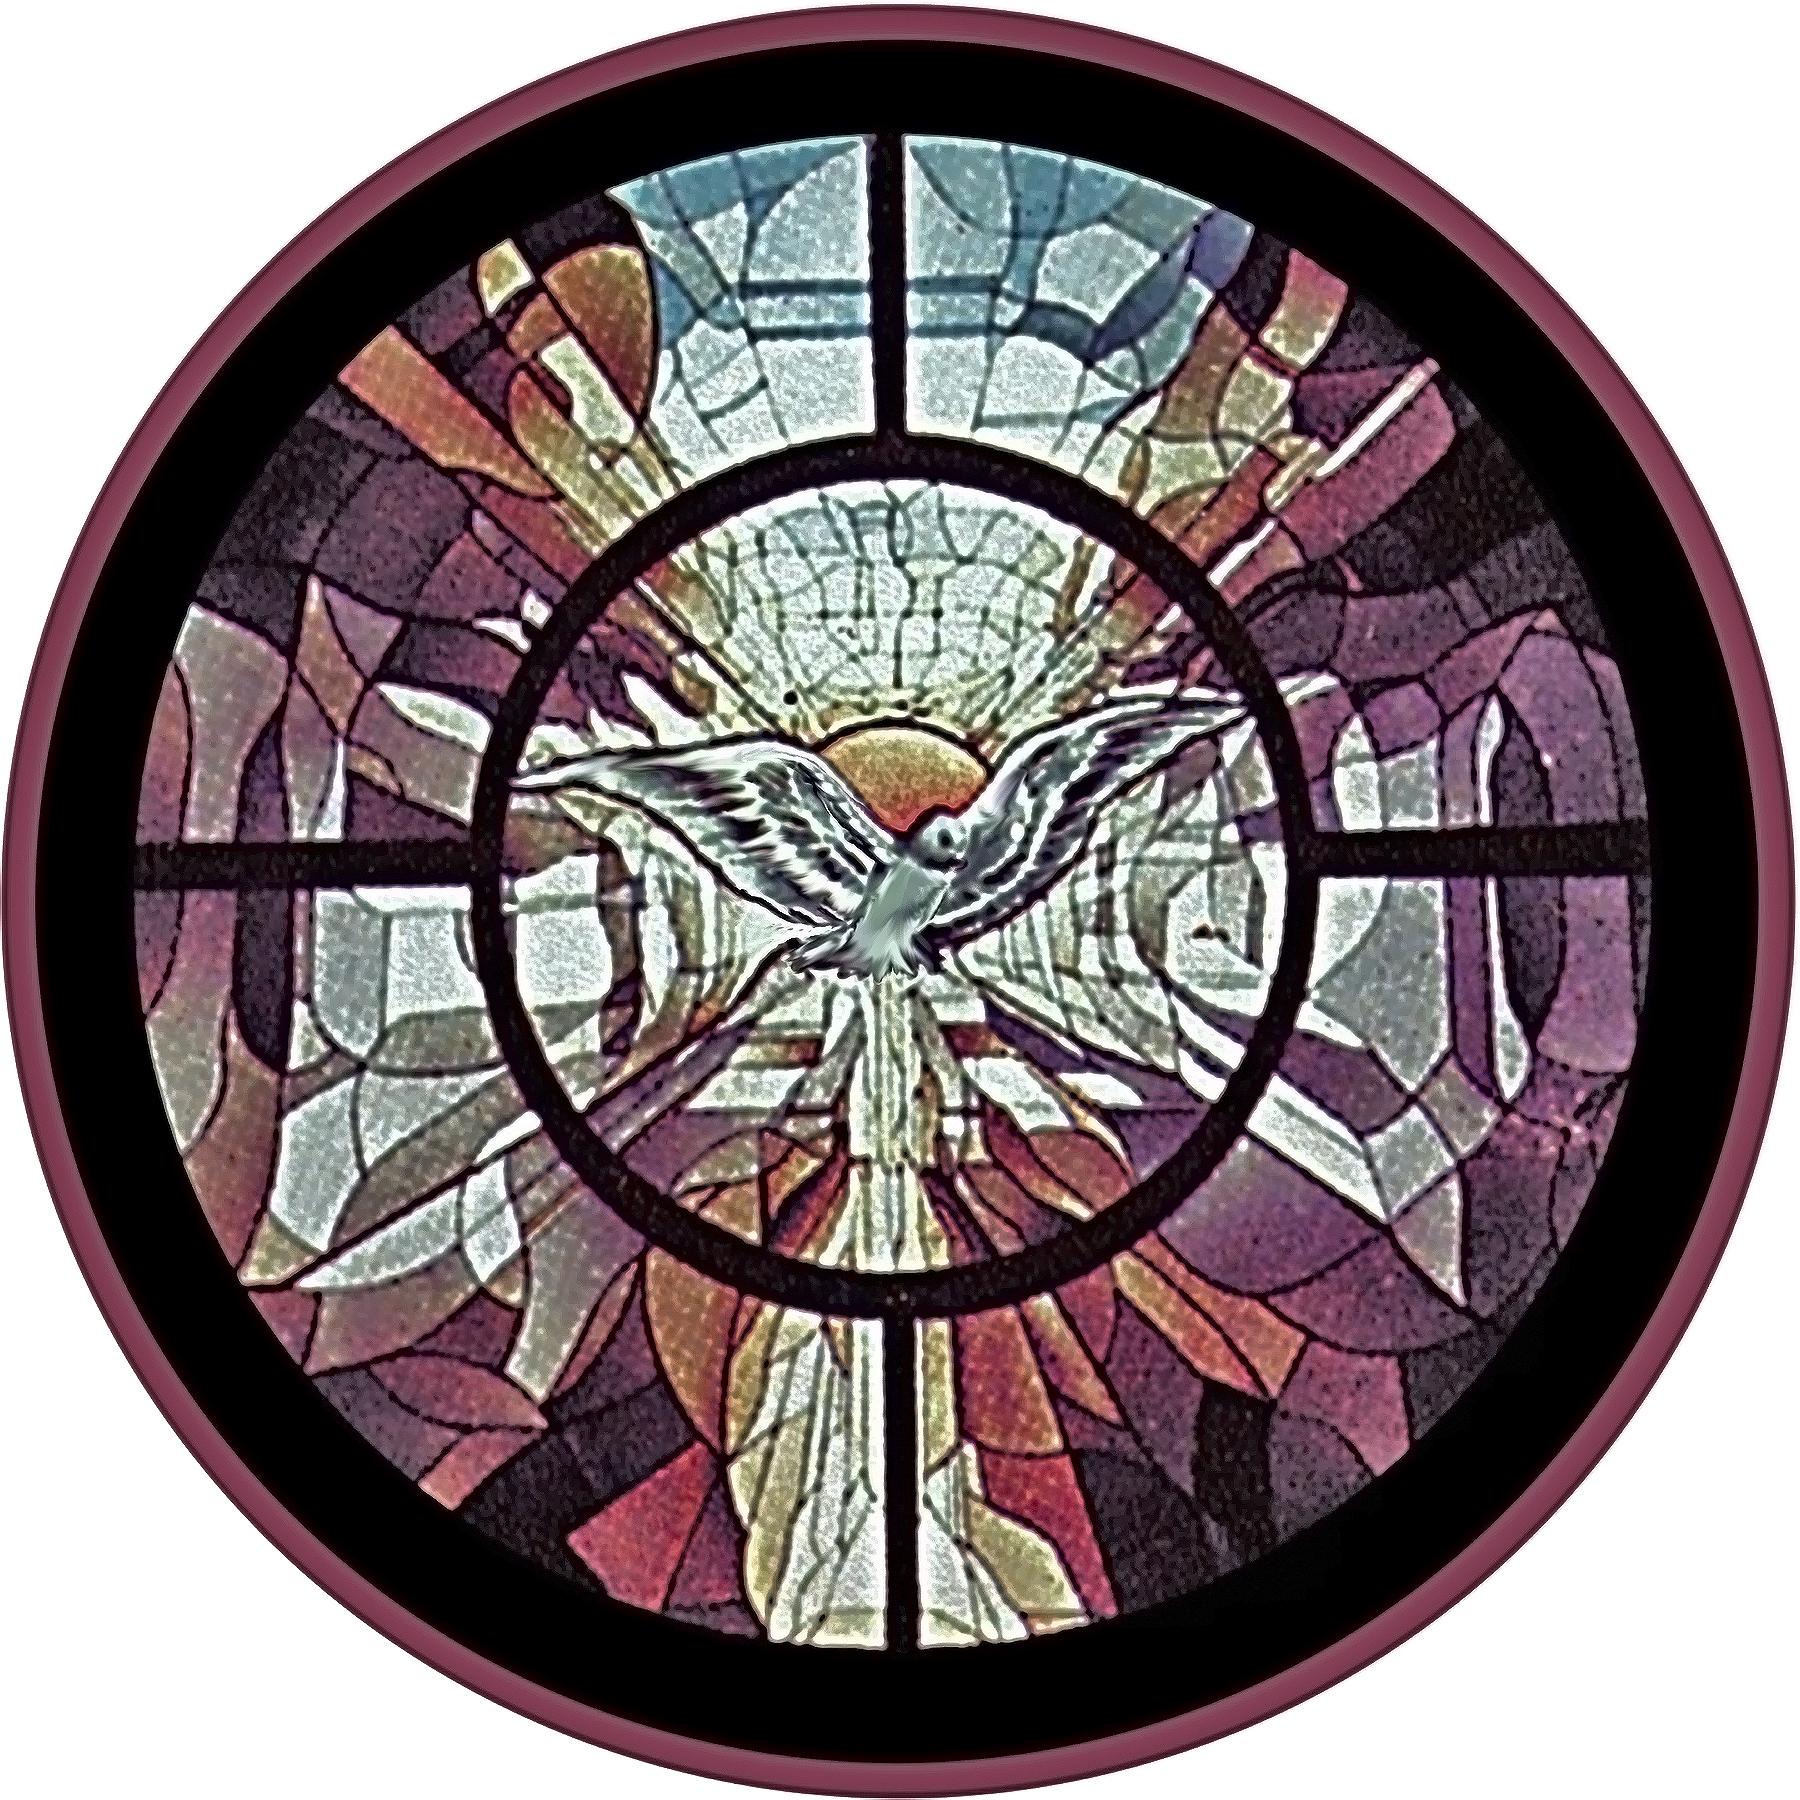 7 st.Magdalene rose .jpg